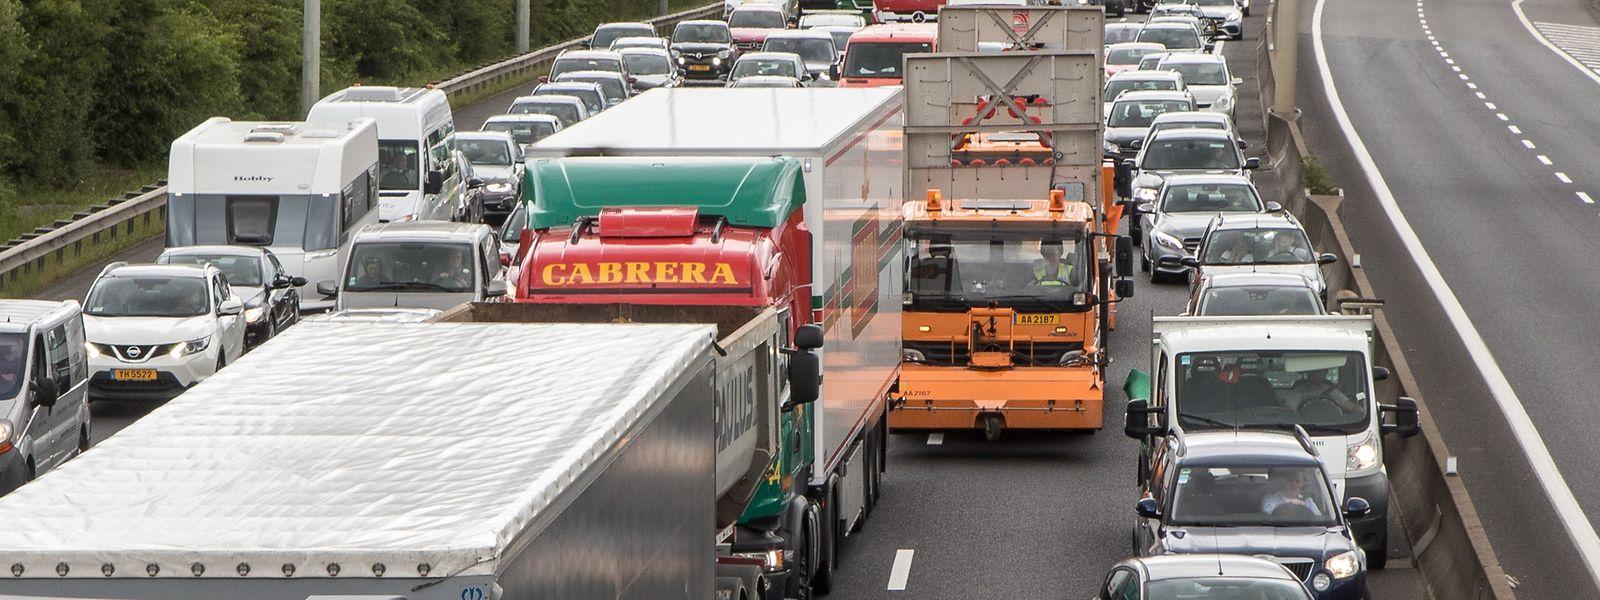 Viel zu eng: Nicht nur Polizei und Krankenwagen, auch die großen Fahrzeuge zur Sicherung der Unfallstelle müssen durch die Rettungsgasse.